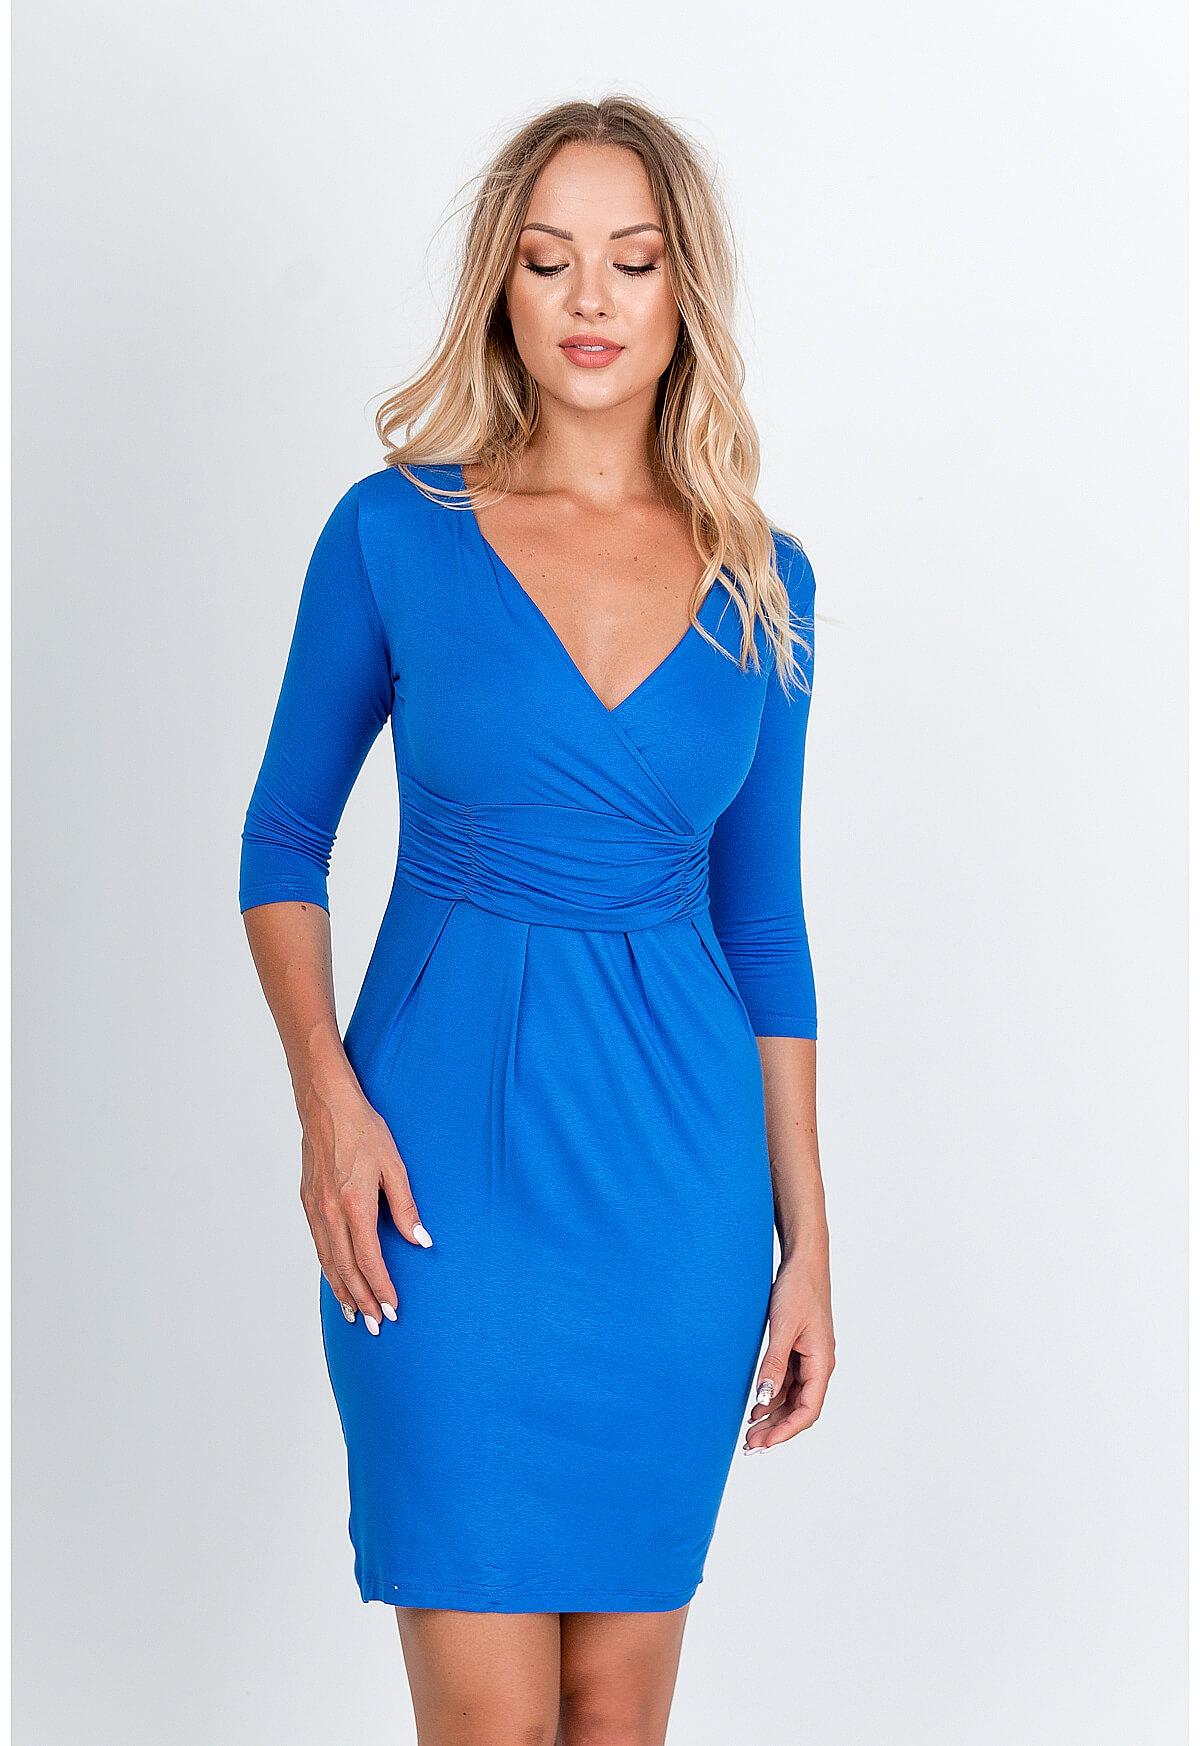 Spoločenské modré šaty s veľkým výstrihom